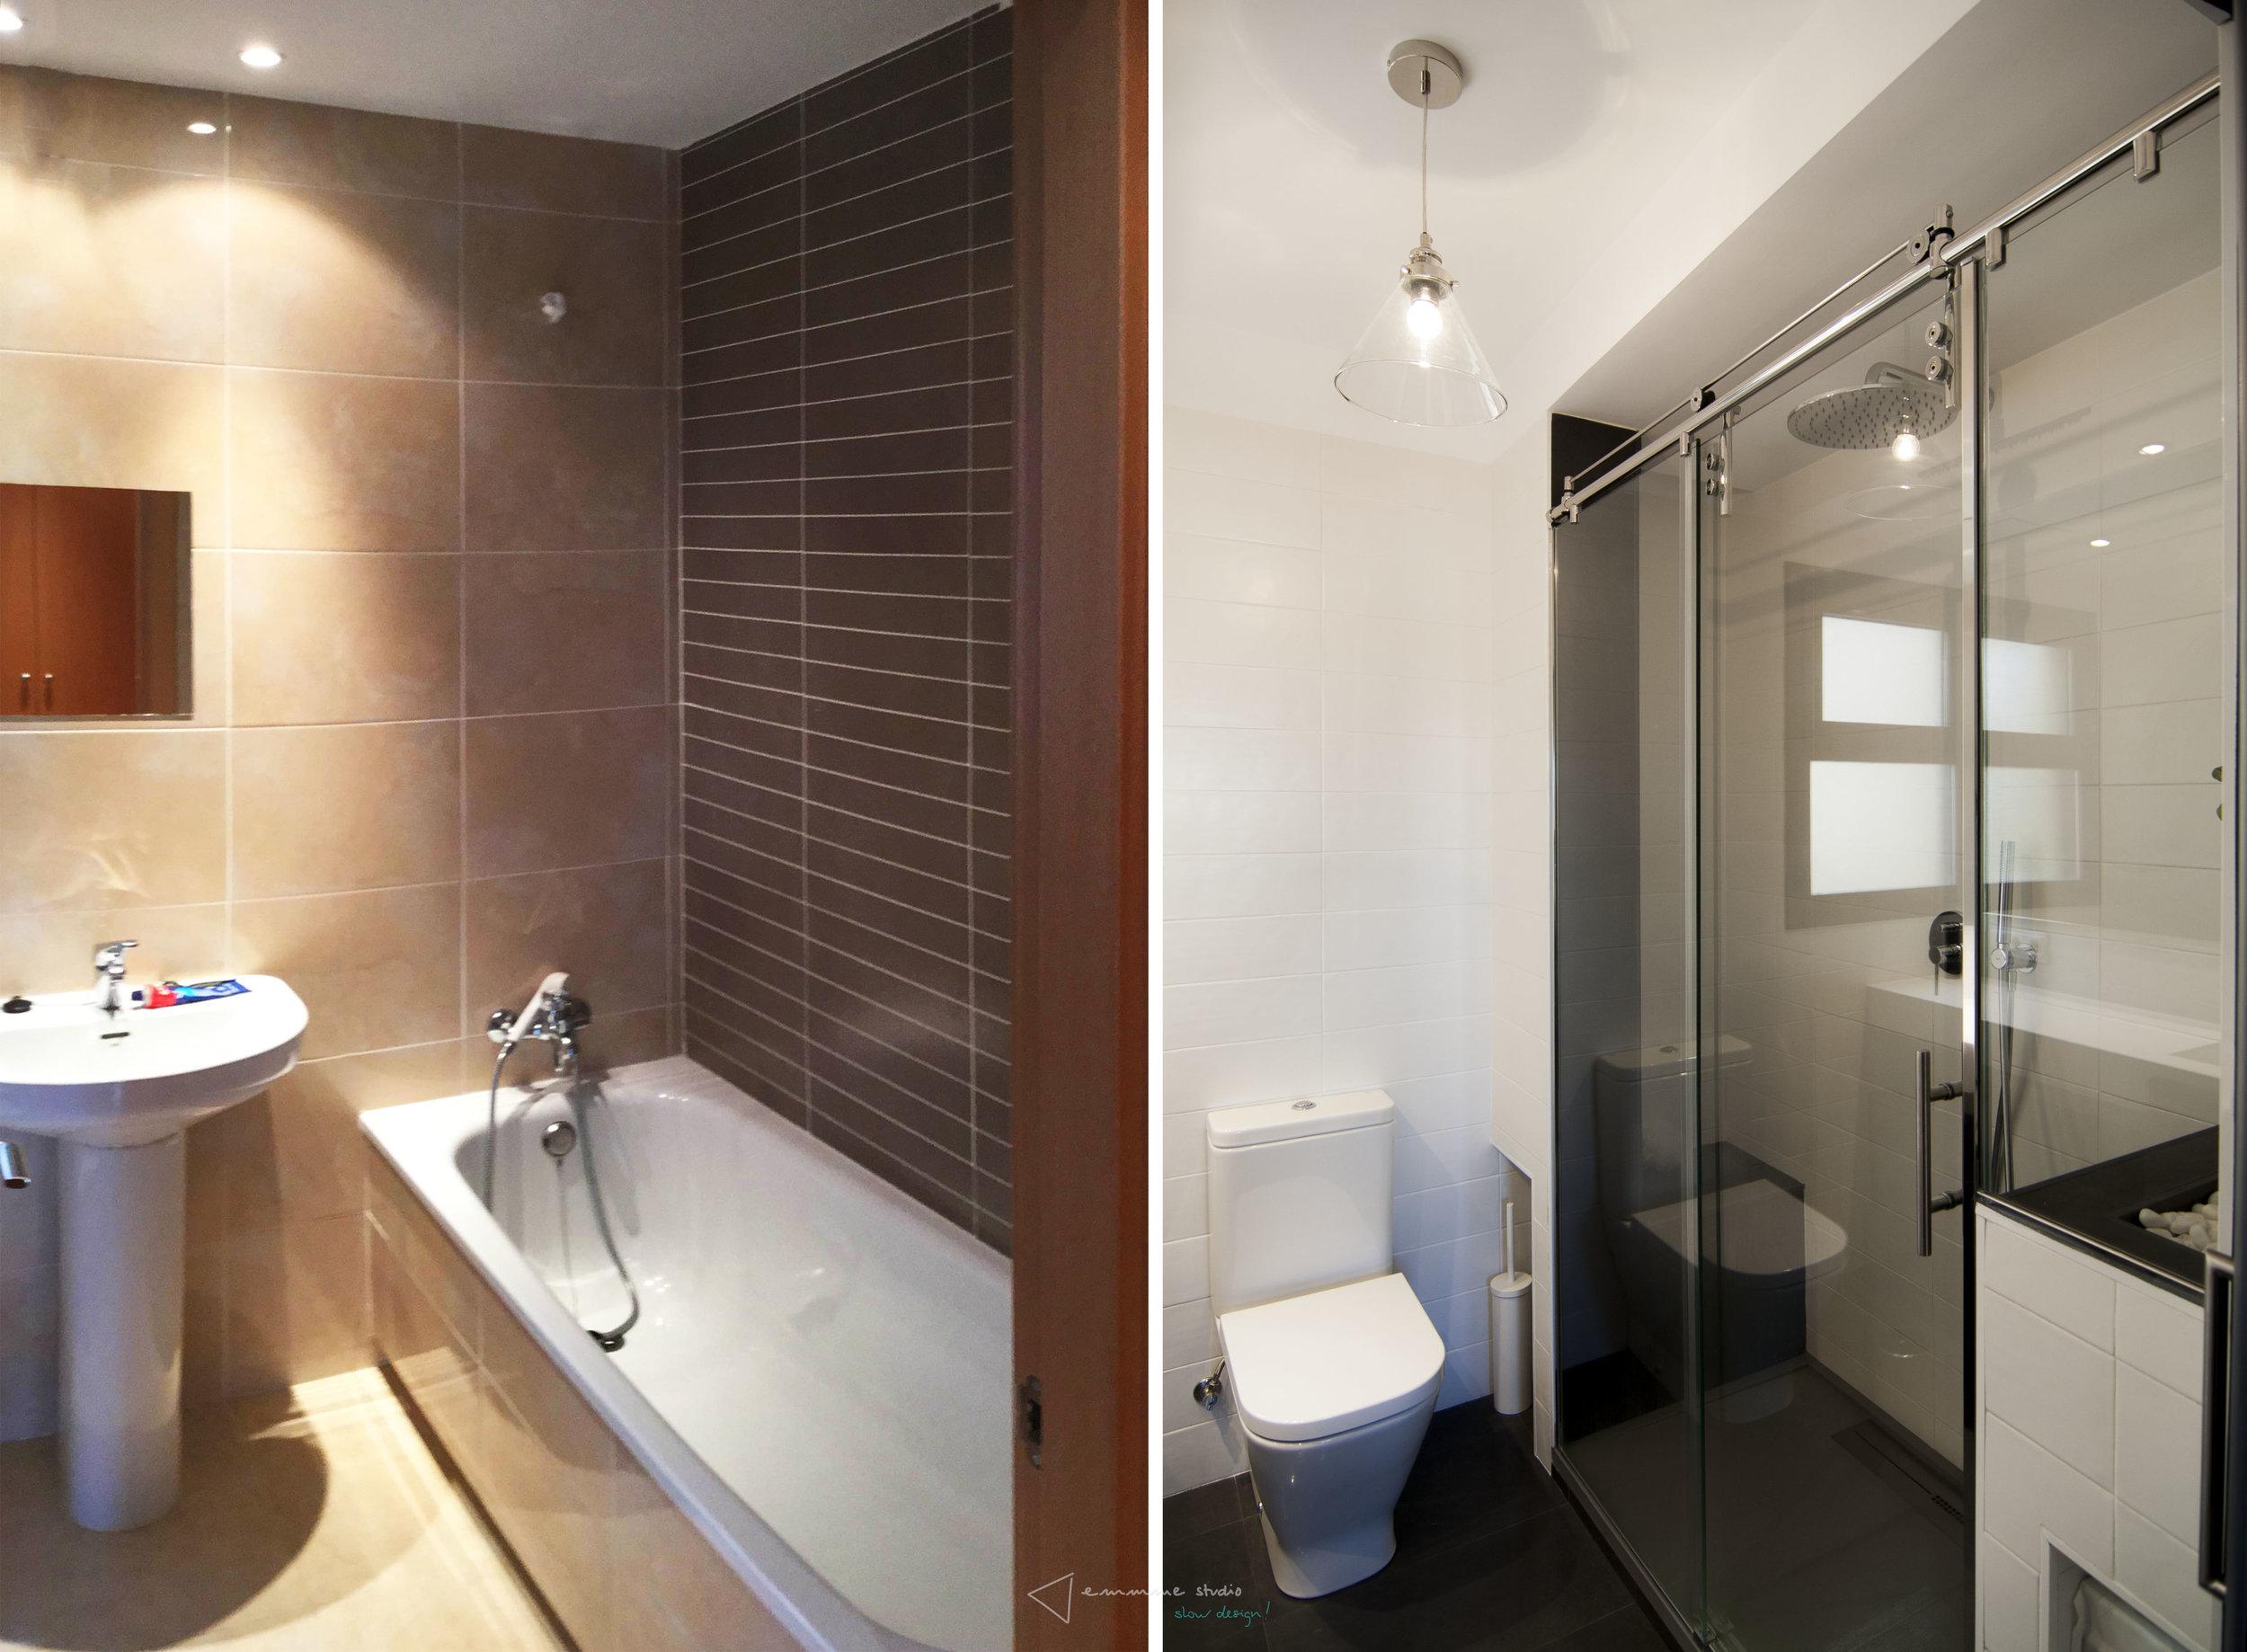 diseño reformas slow emmme studio - baño de Maria y Rober - antes despues - CM.jpg